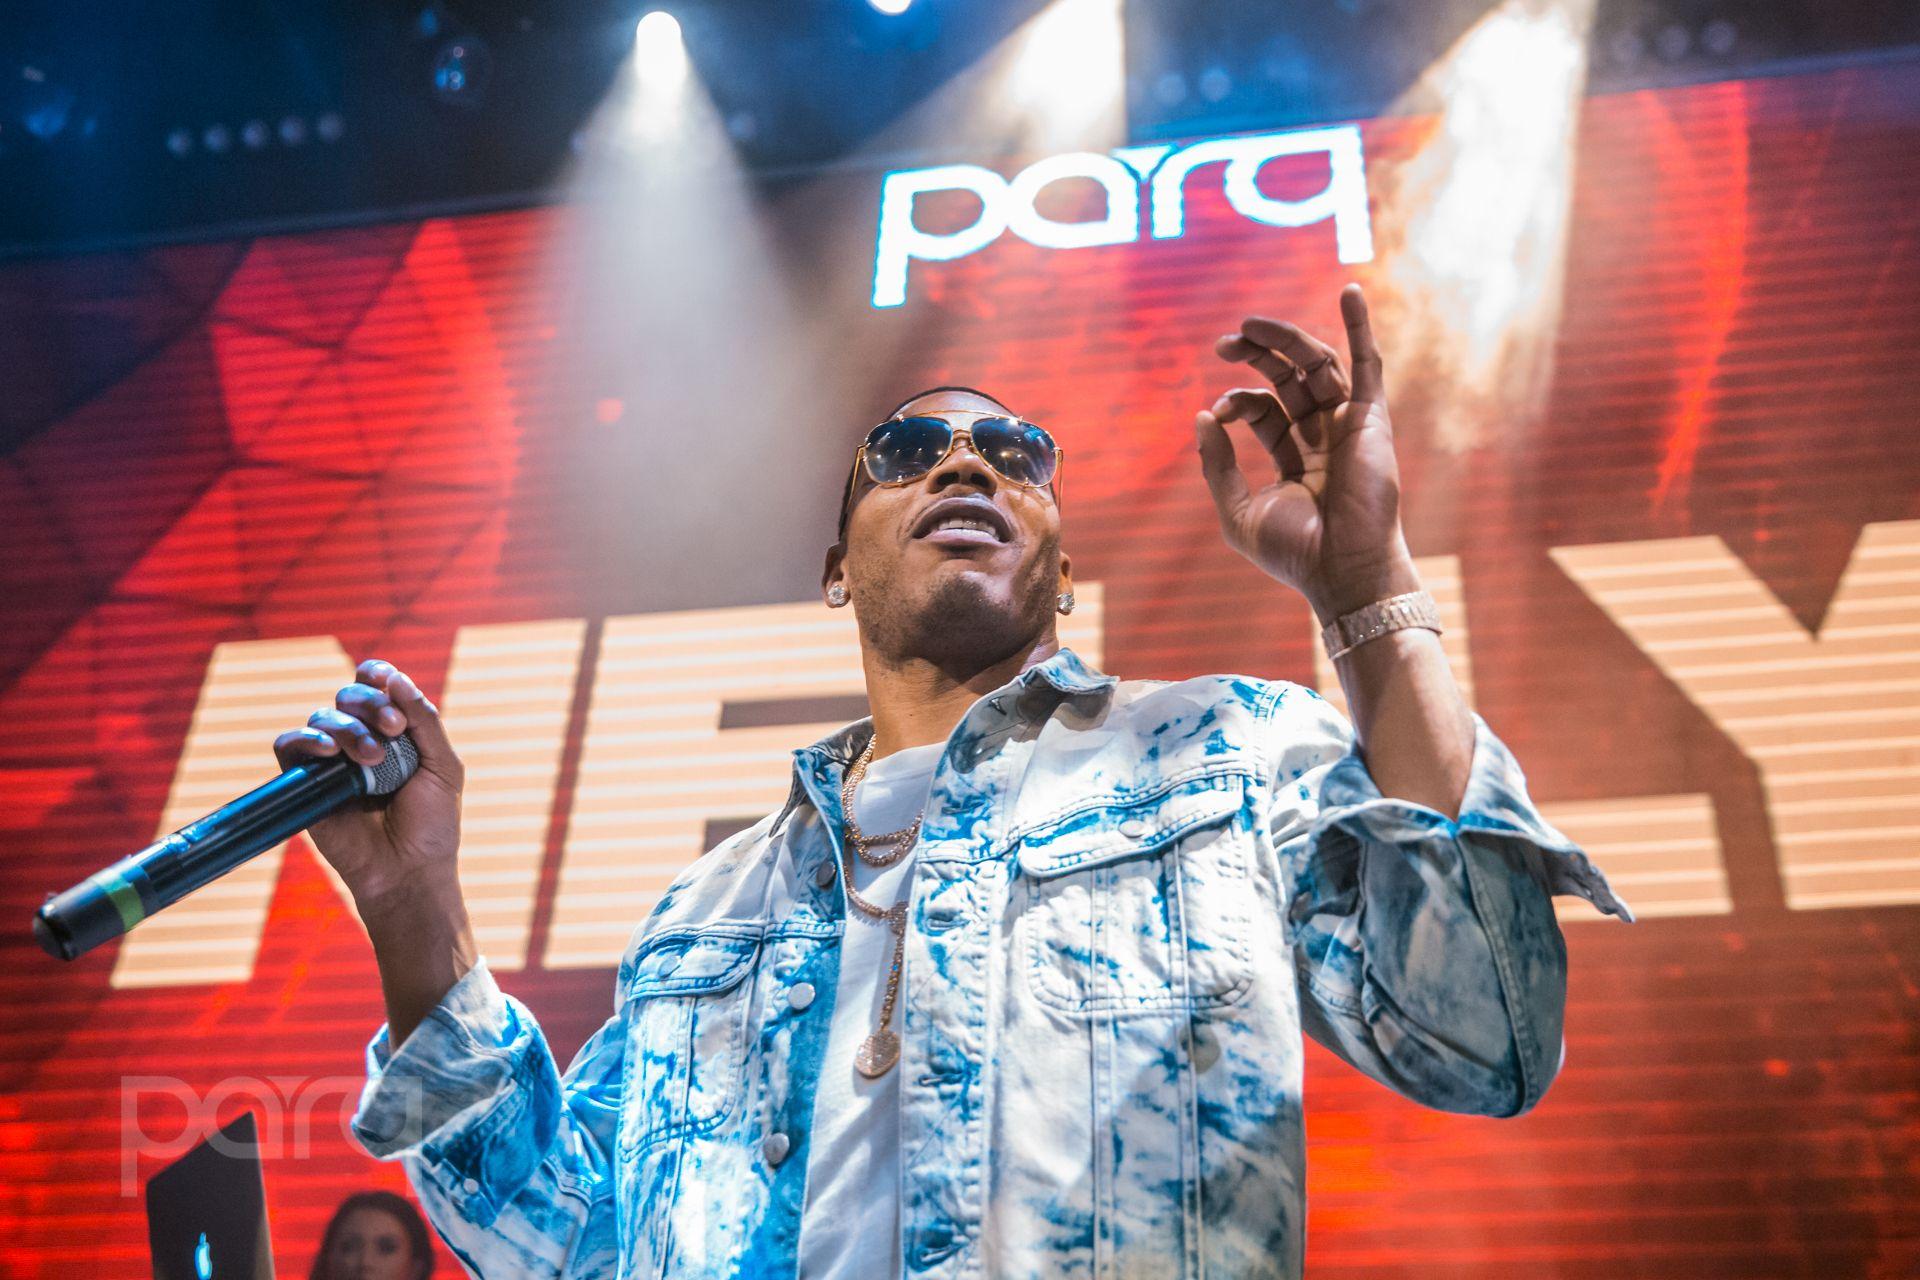 09.09.17 Parq - Nelly-1.jpg